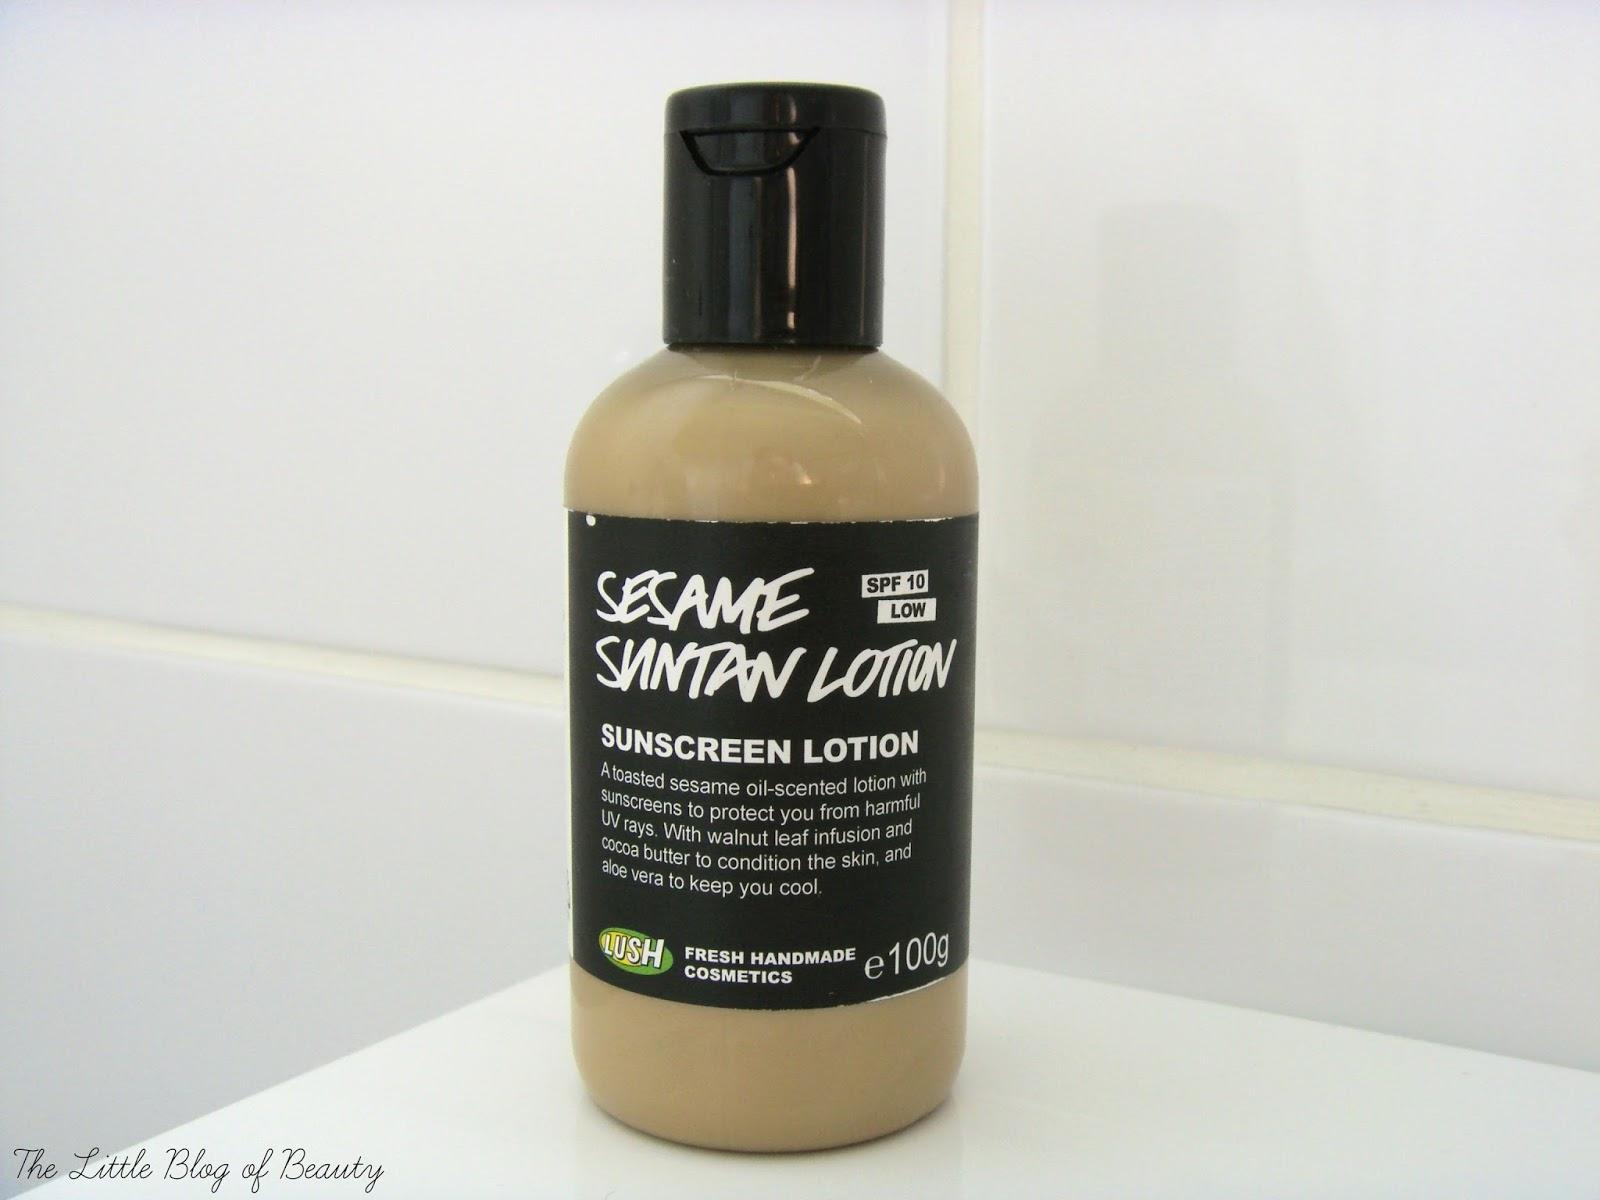 Lush Sesame suntan lotion